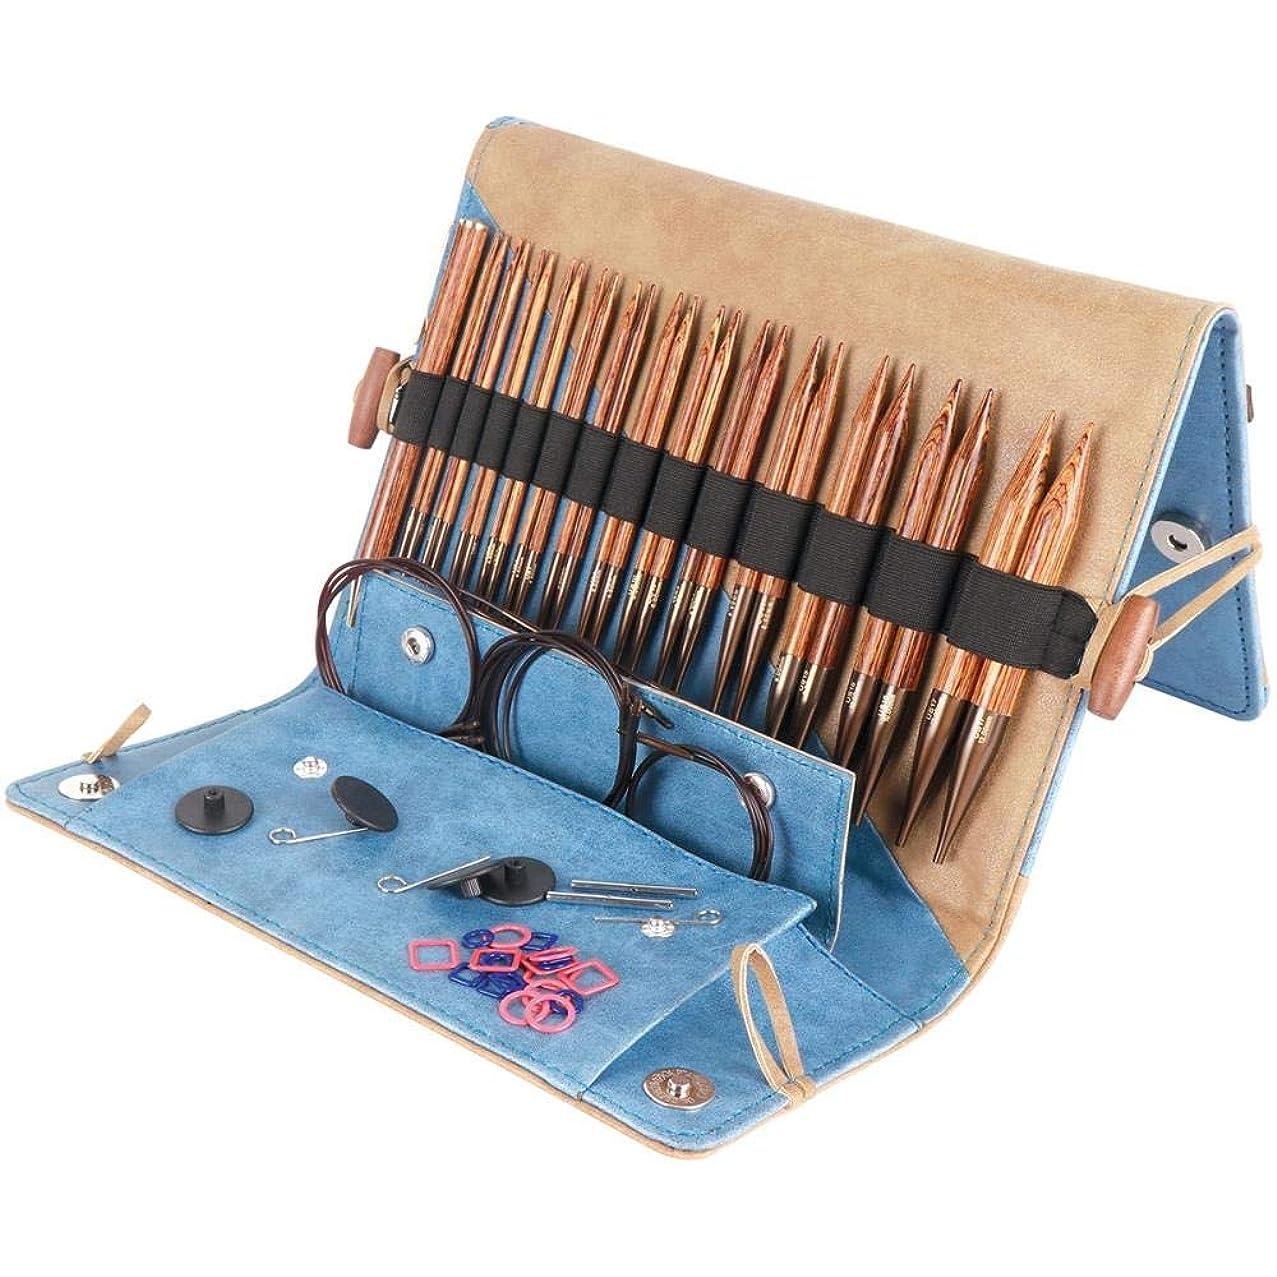 Knitter's Pride KP150301 Ginger Deluxe Interchangeable Needles Set